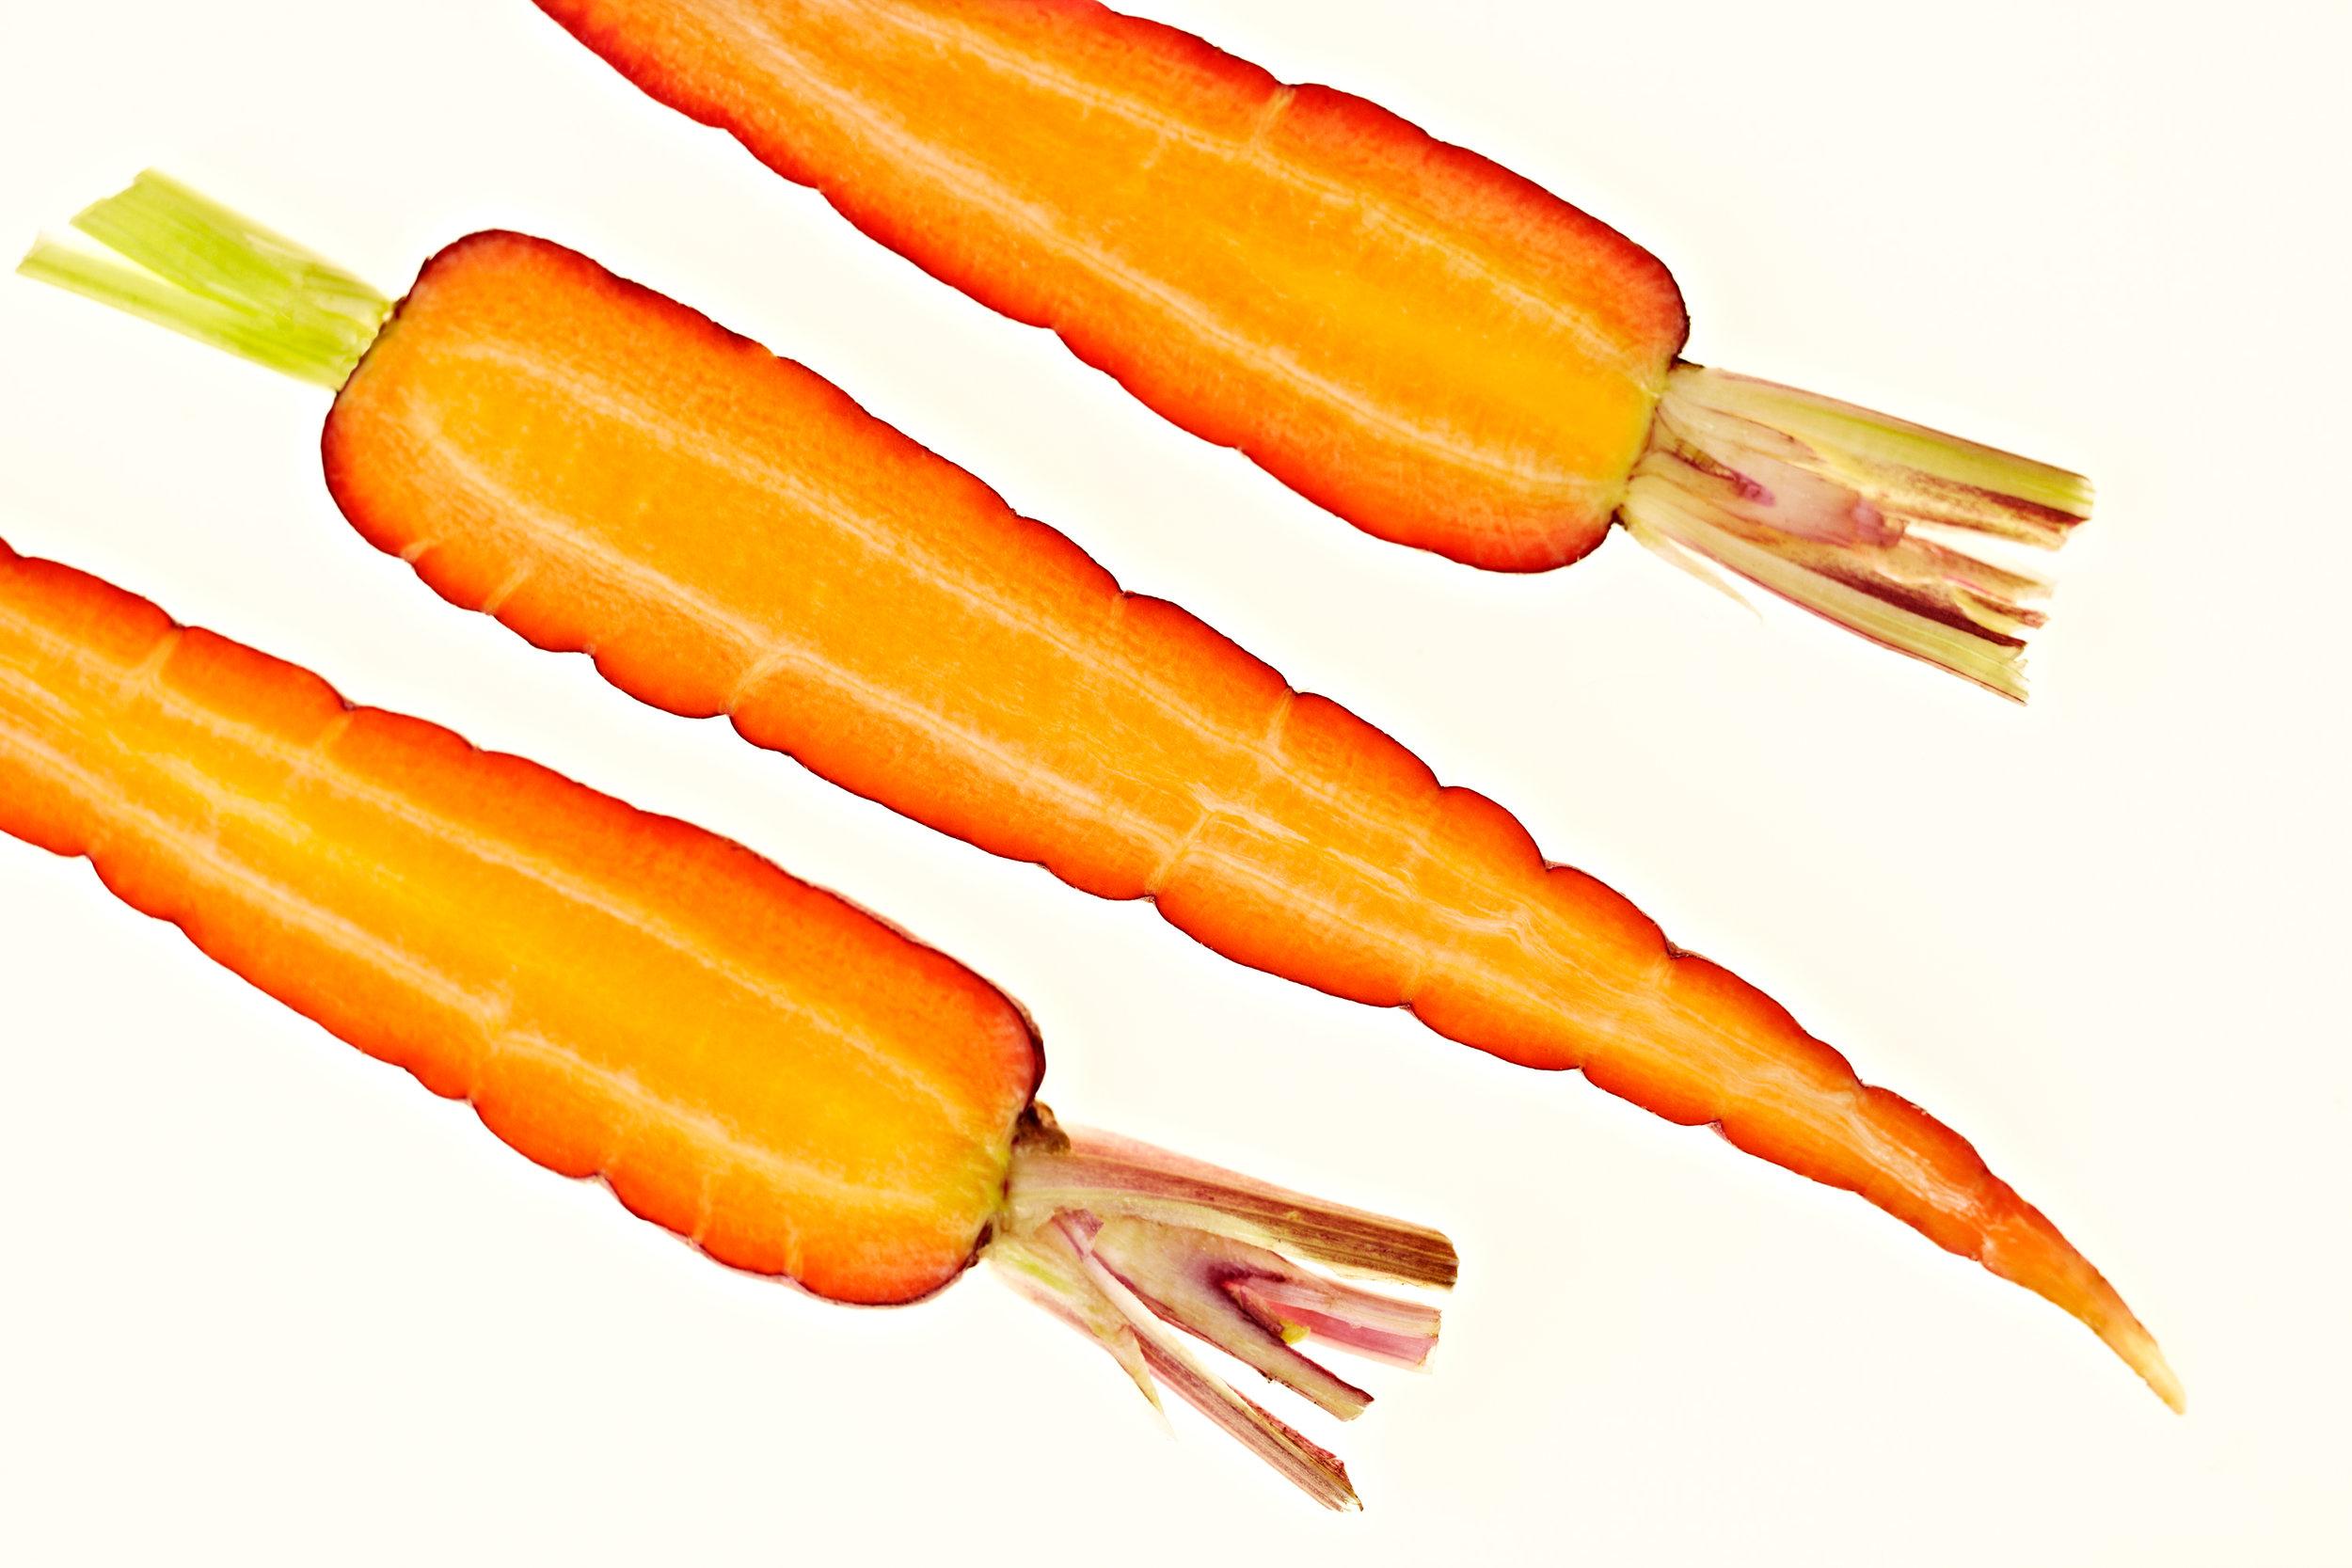 Overhead shot of sliced carrots on white